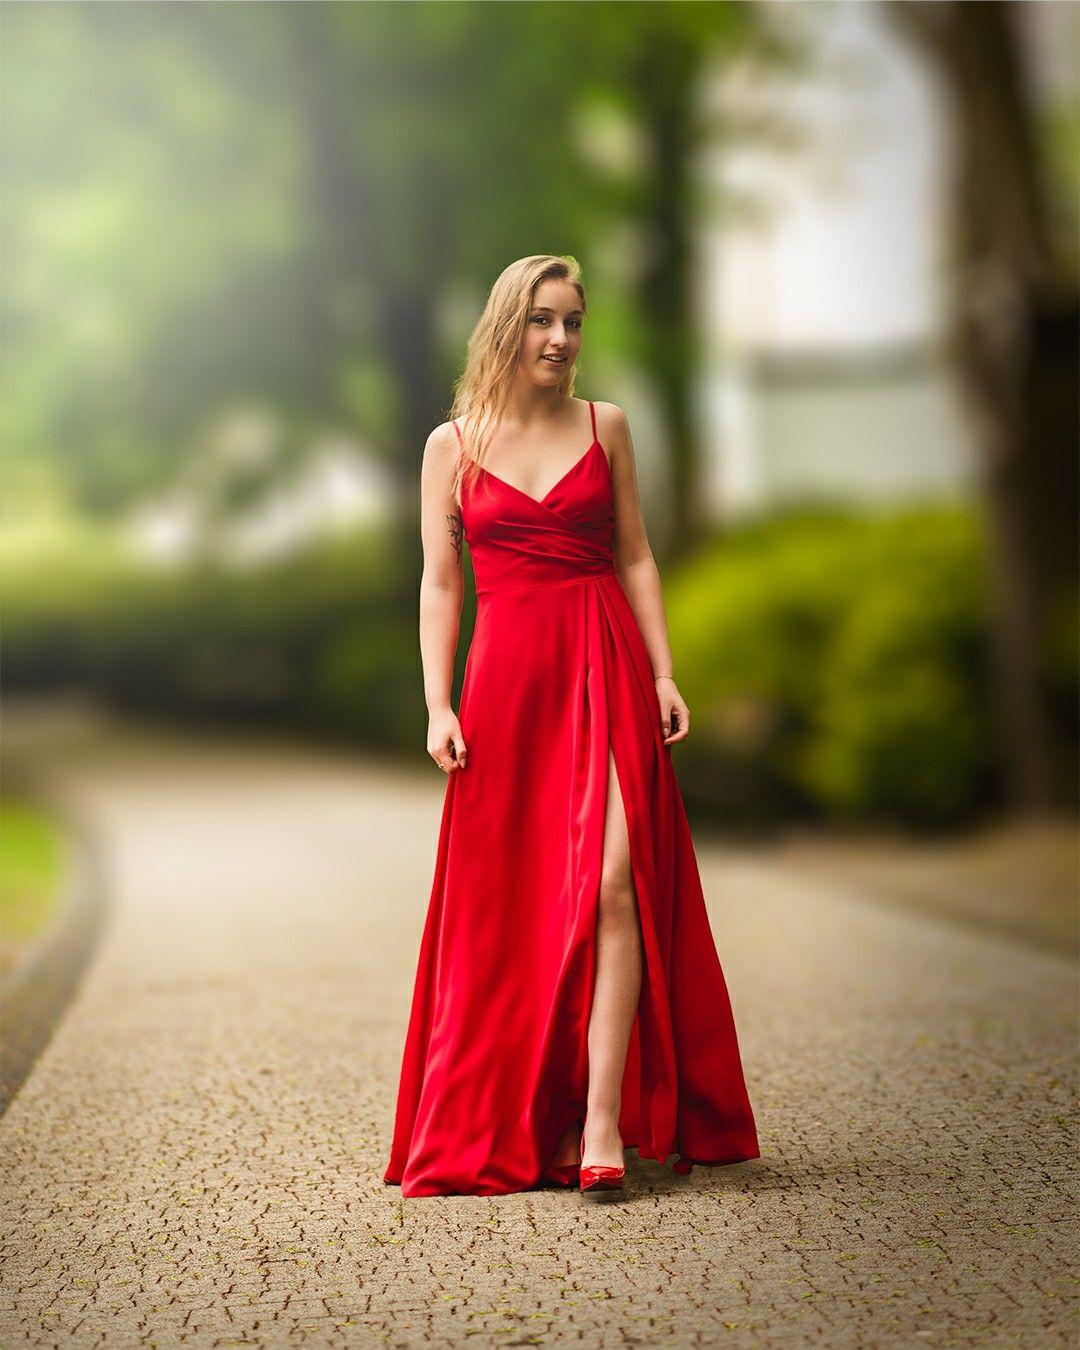 #model #modelka #reddress #photosession #sesjafotograficzna #photographer #besima #portrait #fashion #fashionphotography #sesjakobieca #polskadziewczyna